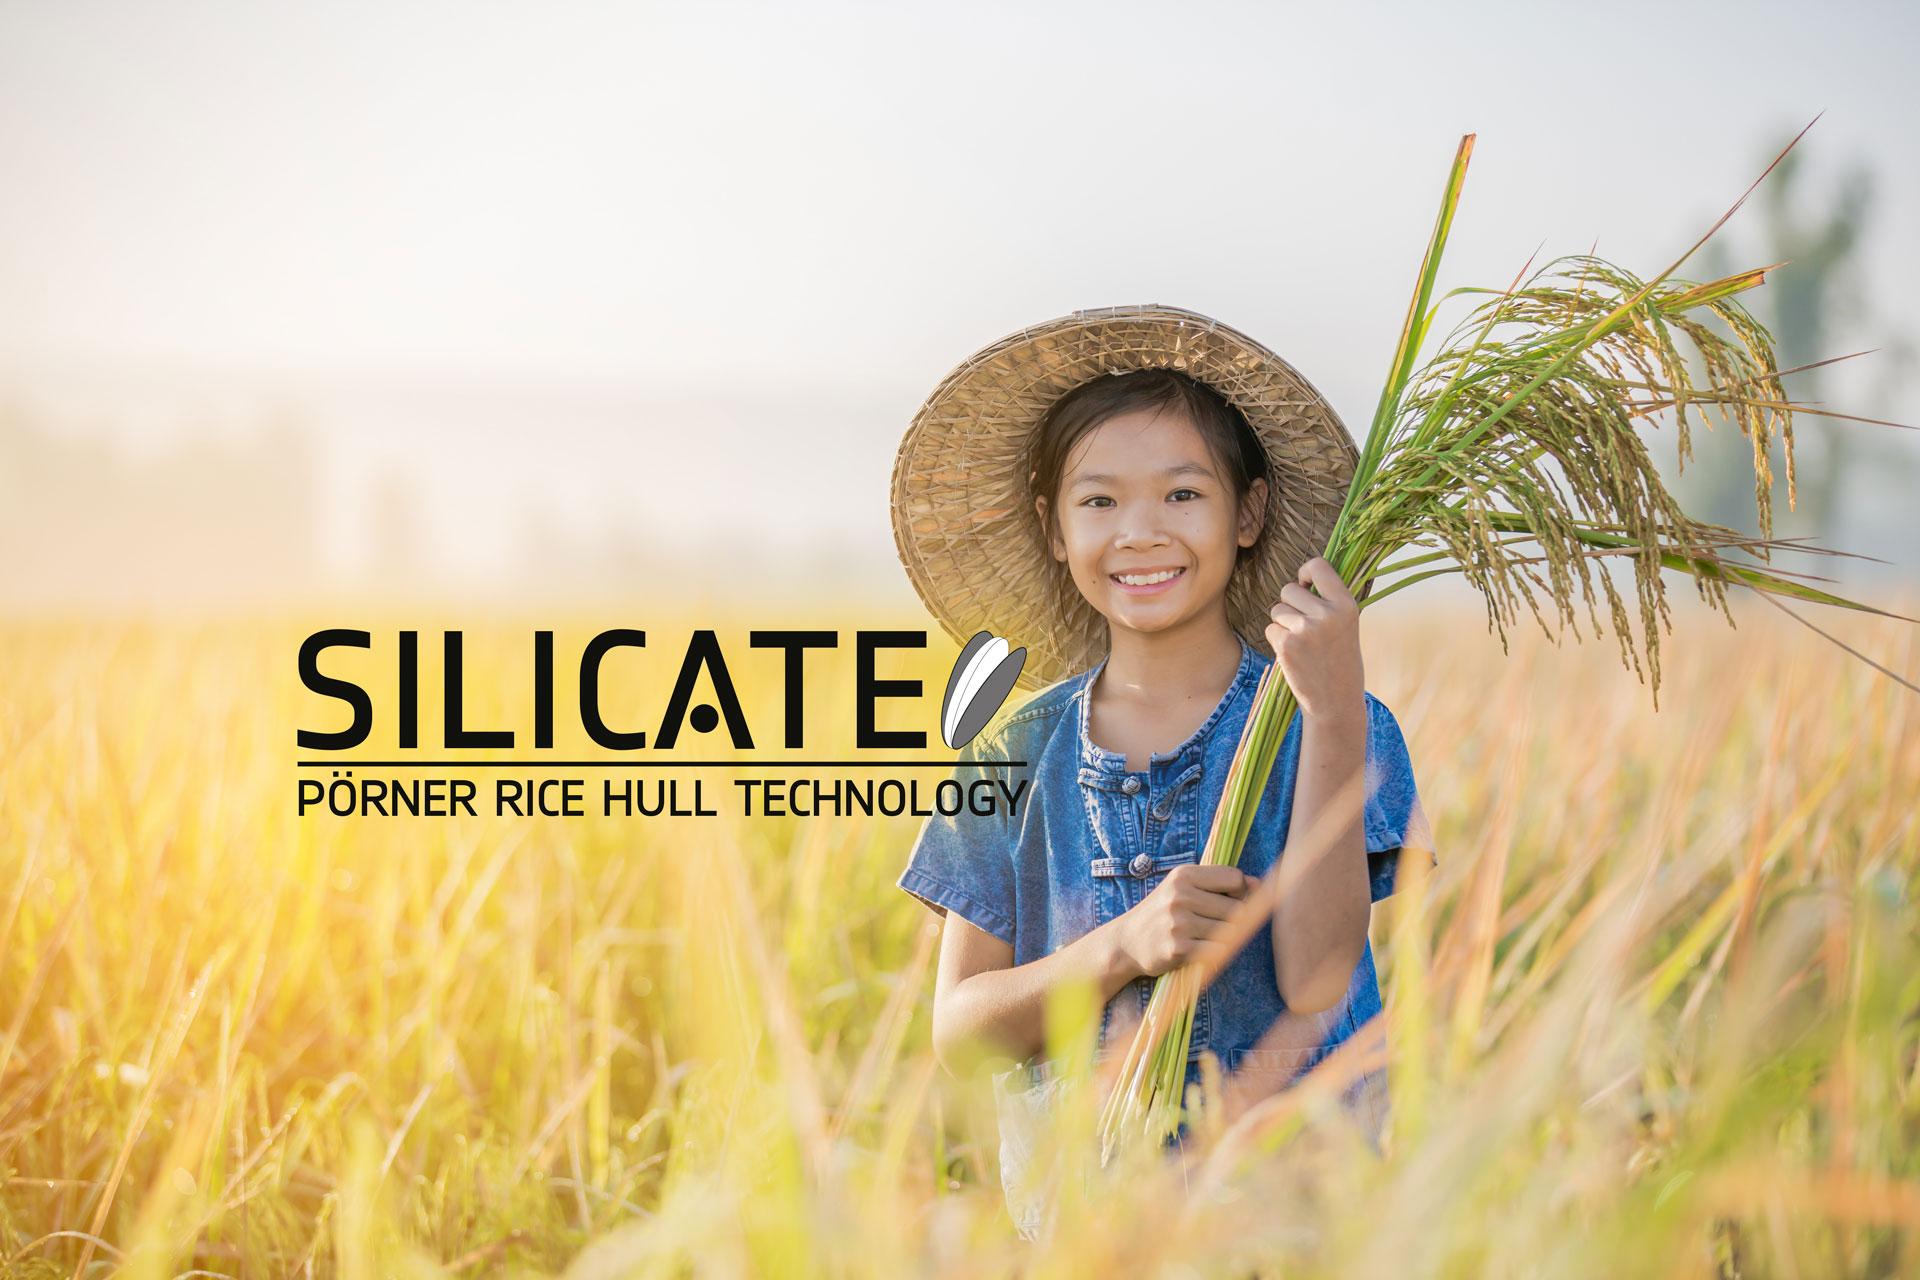 Girl in rice field